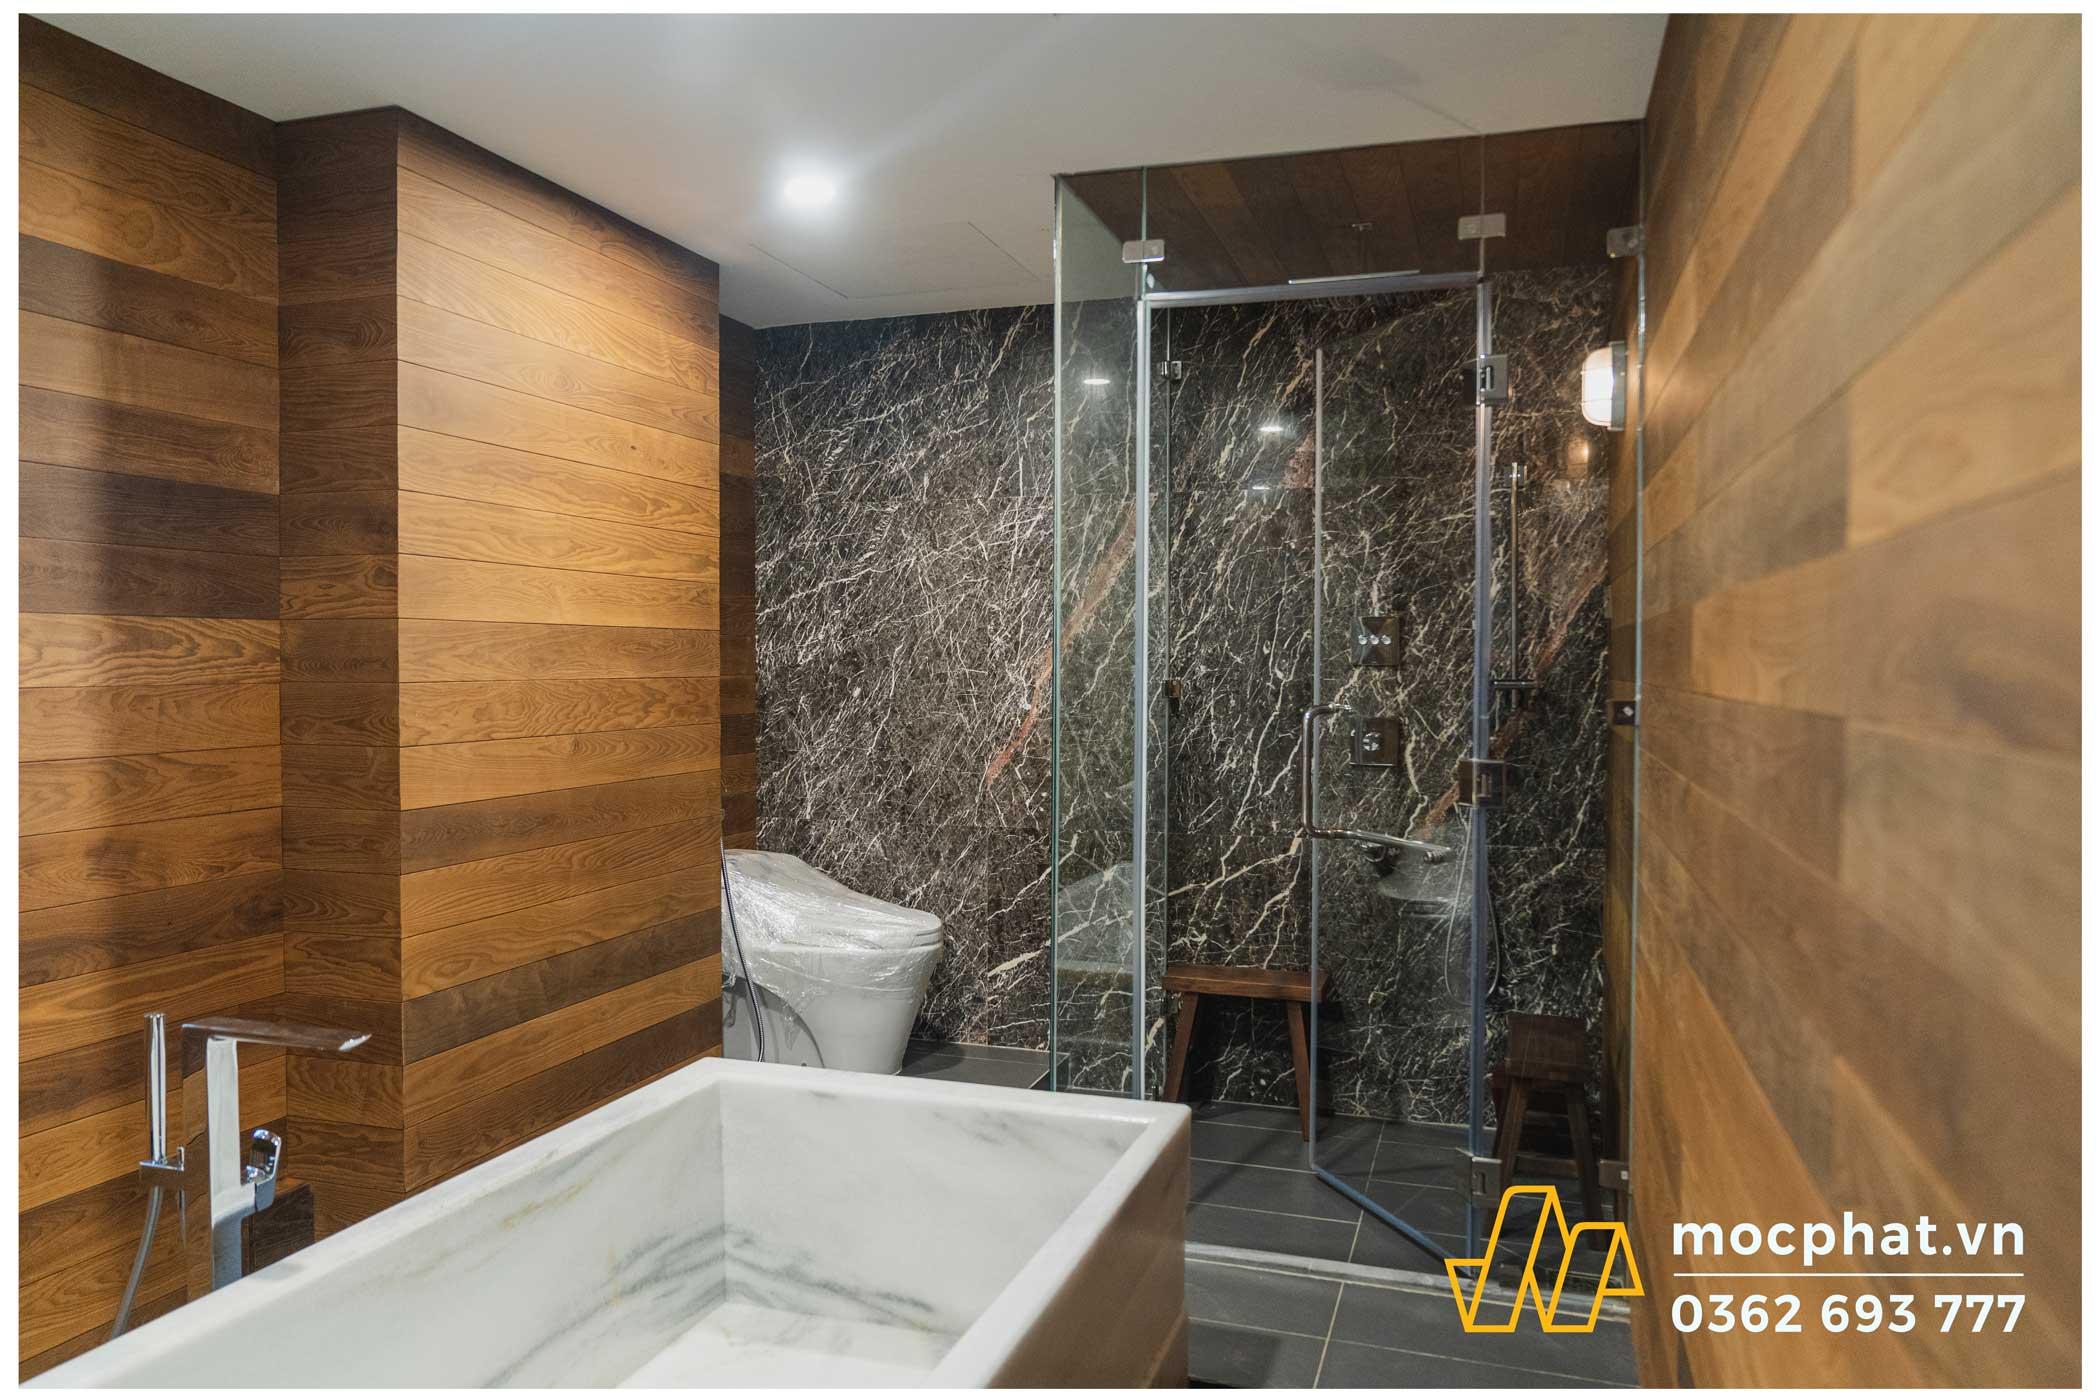 Hình ảnh hoàn thành công trình thi công ốp tường phòng tắm